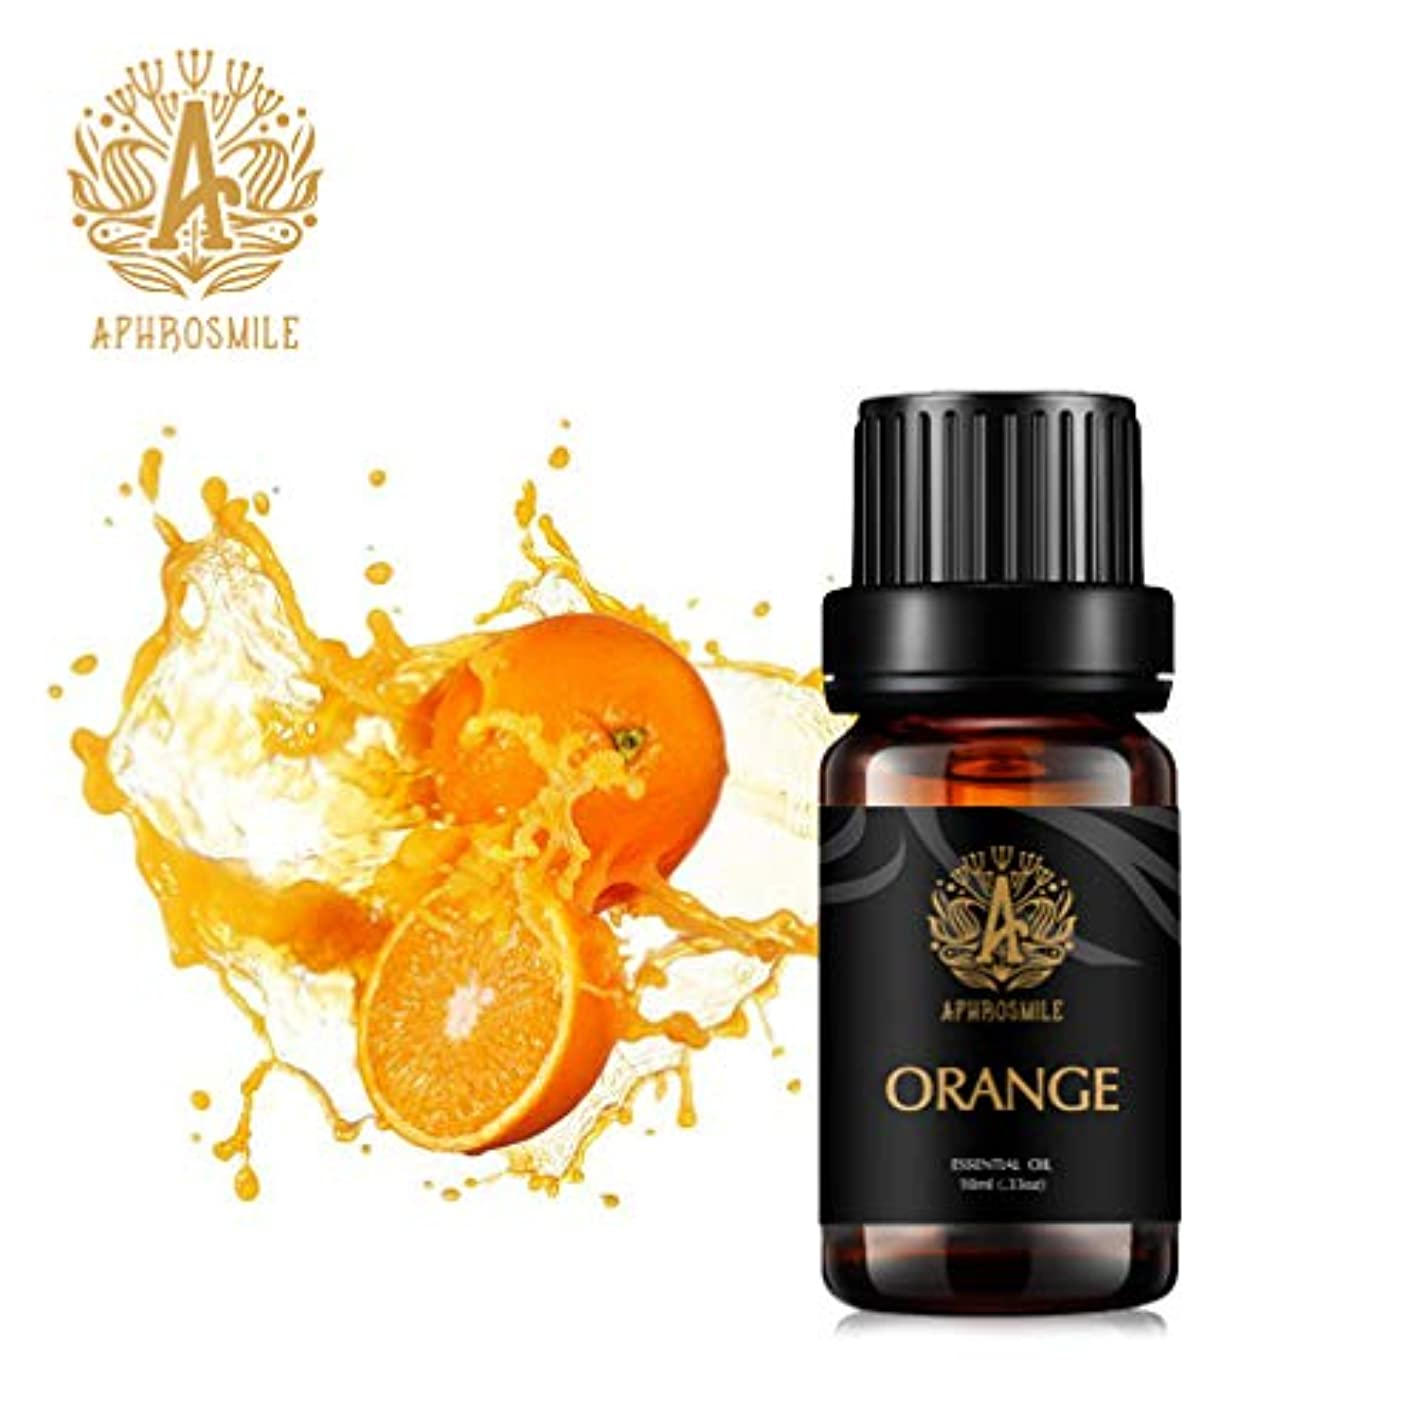 の間にライバルカレンダーオレンジエッセンシャルオイル、100%ピュアアロマエッセンシャルオイルオレンジ香り、怒りを和らげる、治療用グレードエッセンシャルオイルオレンジの香り、為にディフューザー、マッサージ、加湿器、デイリーケア、0.33オンス-...